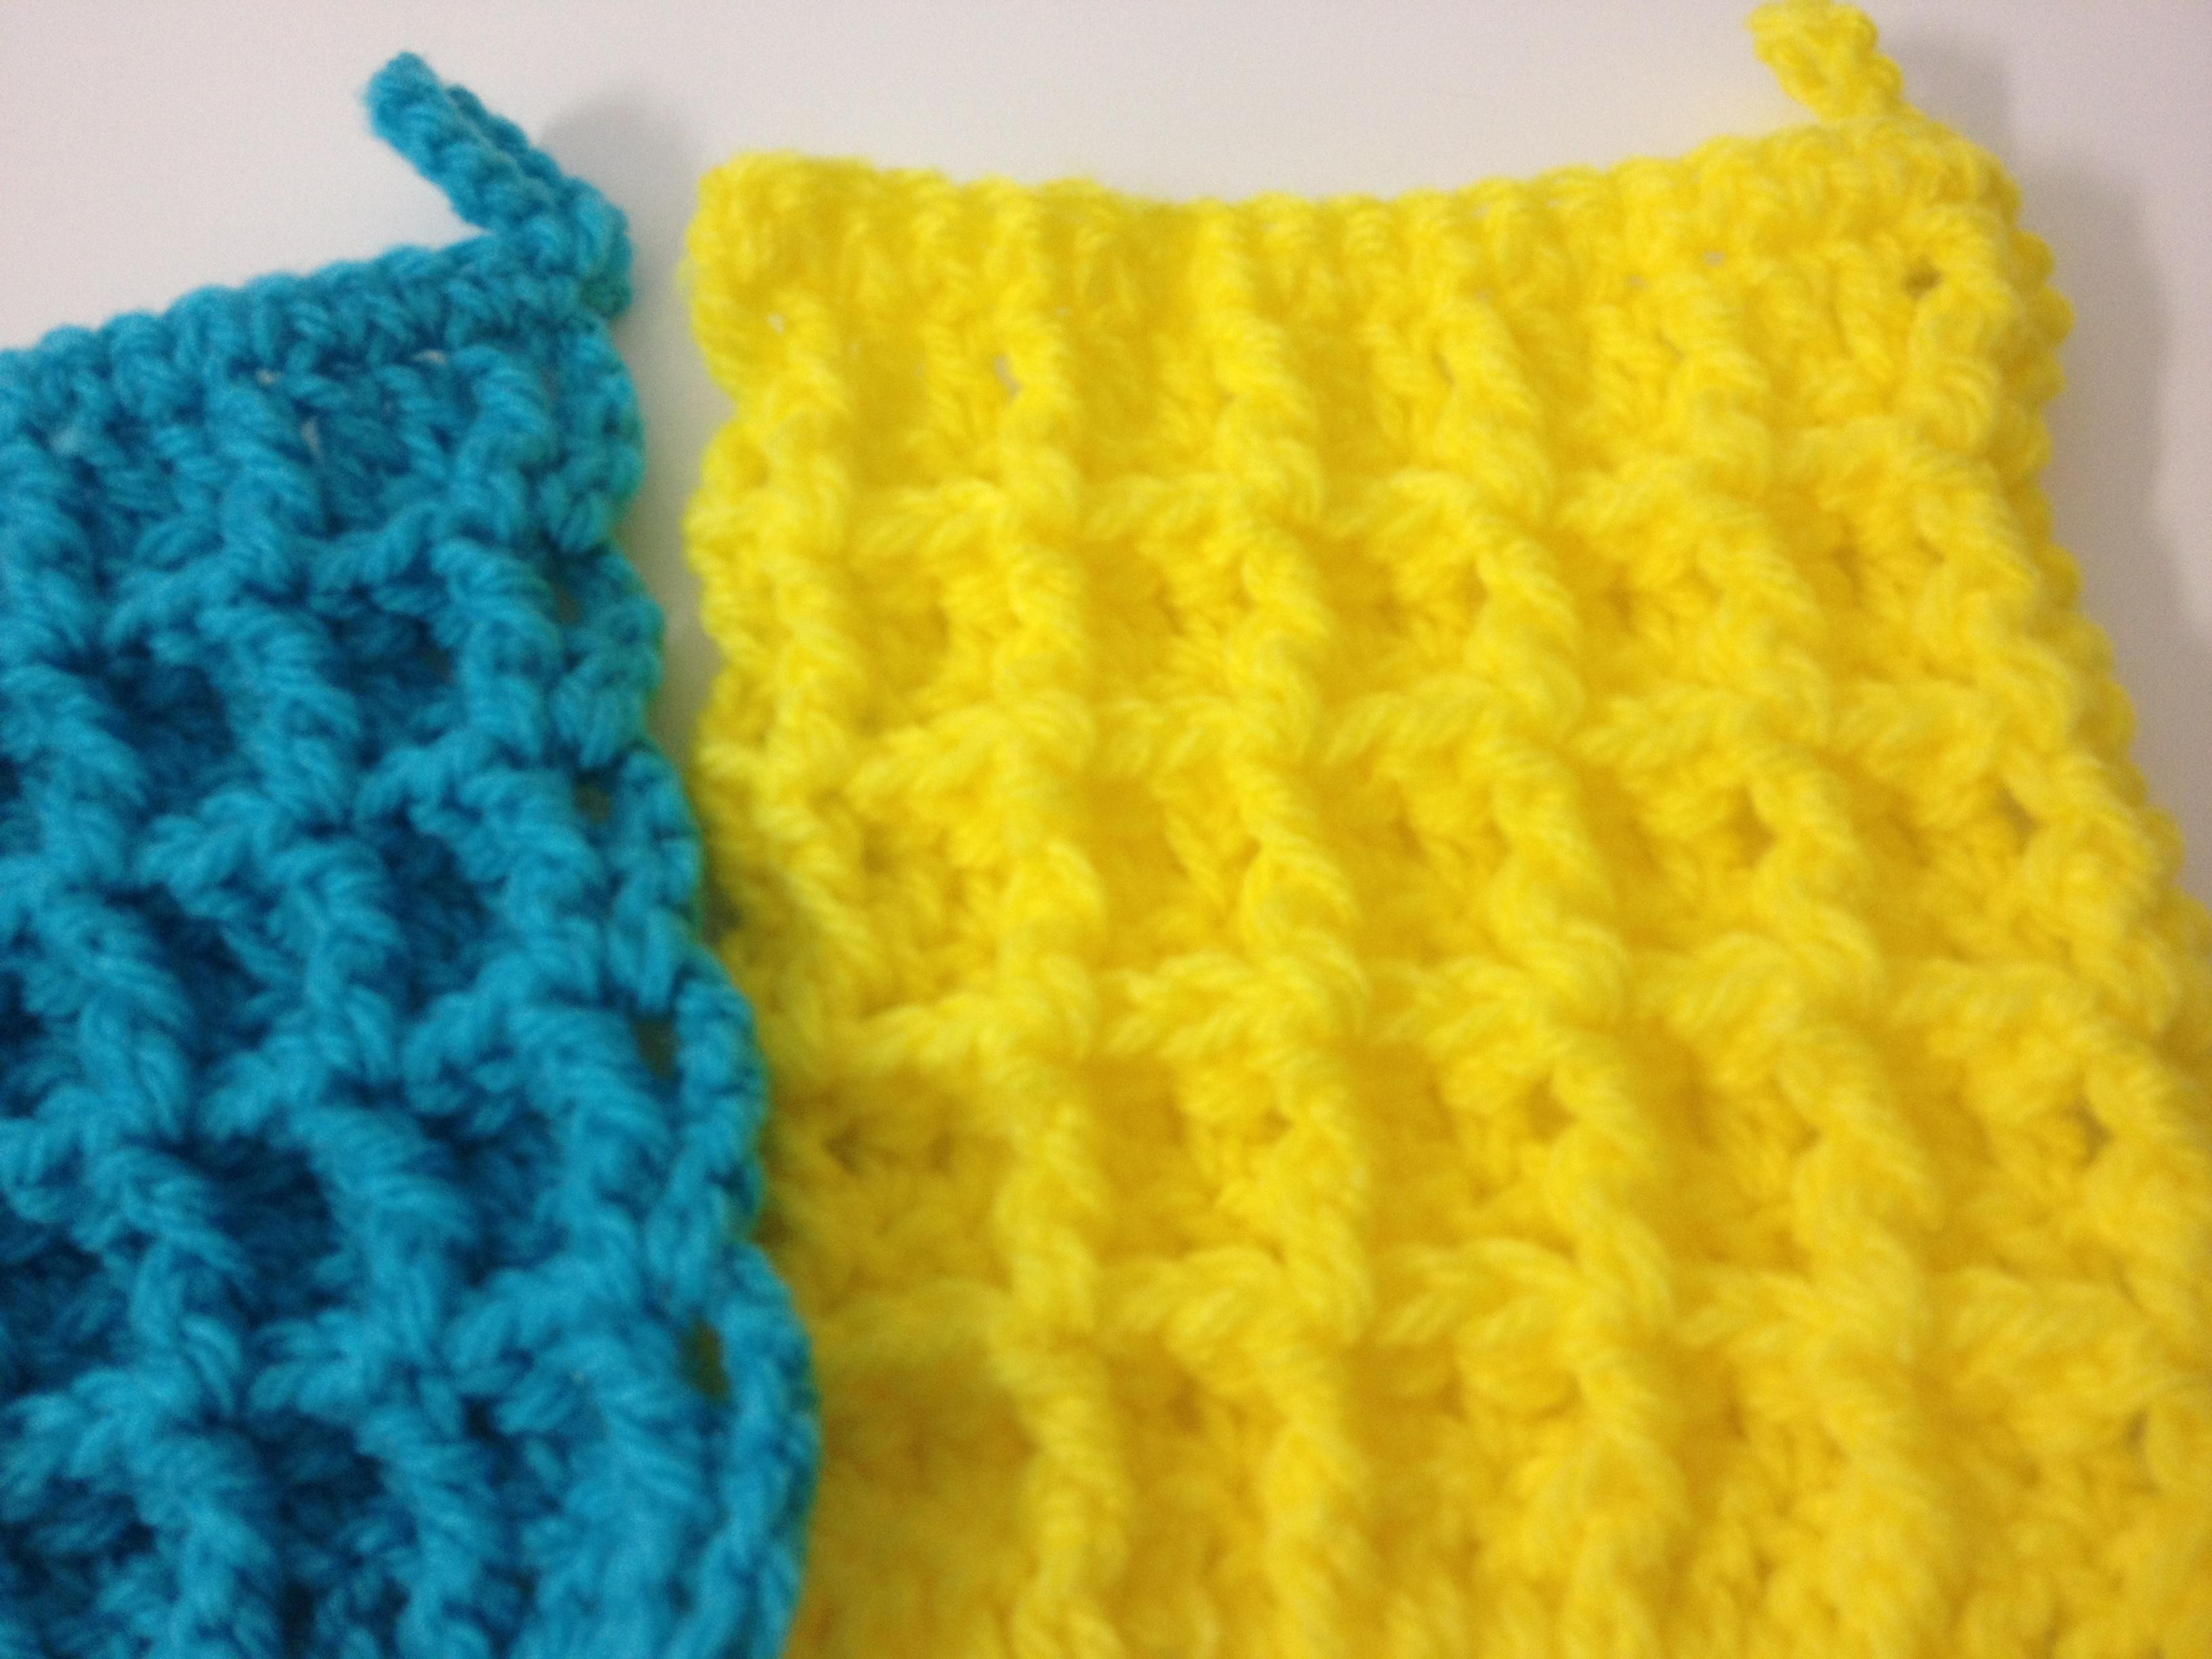 指編みアクリルたわしの簡単な作り方は?北欧風のかわいい編み図も   Cuty